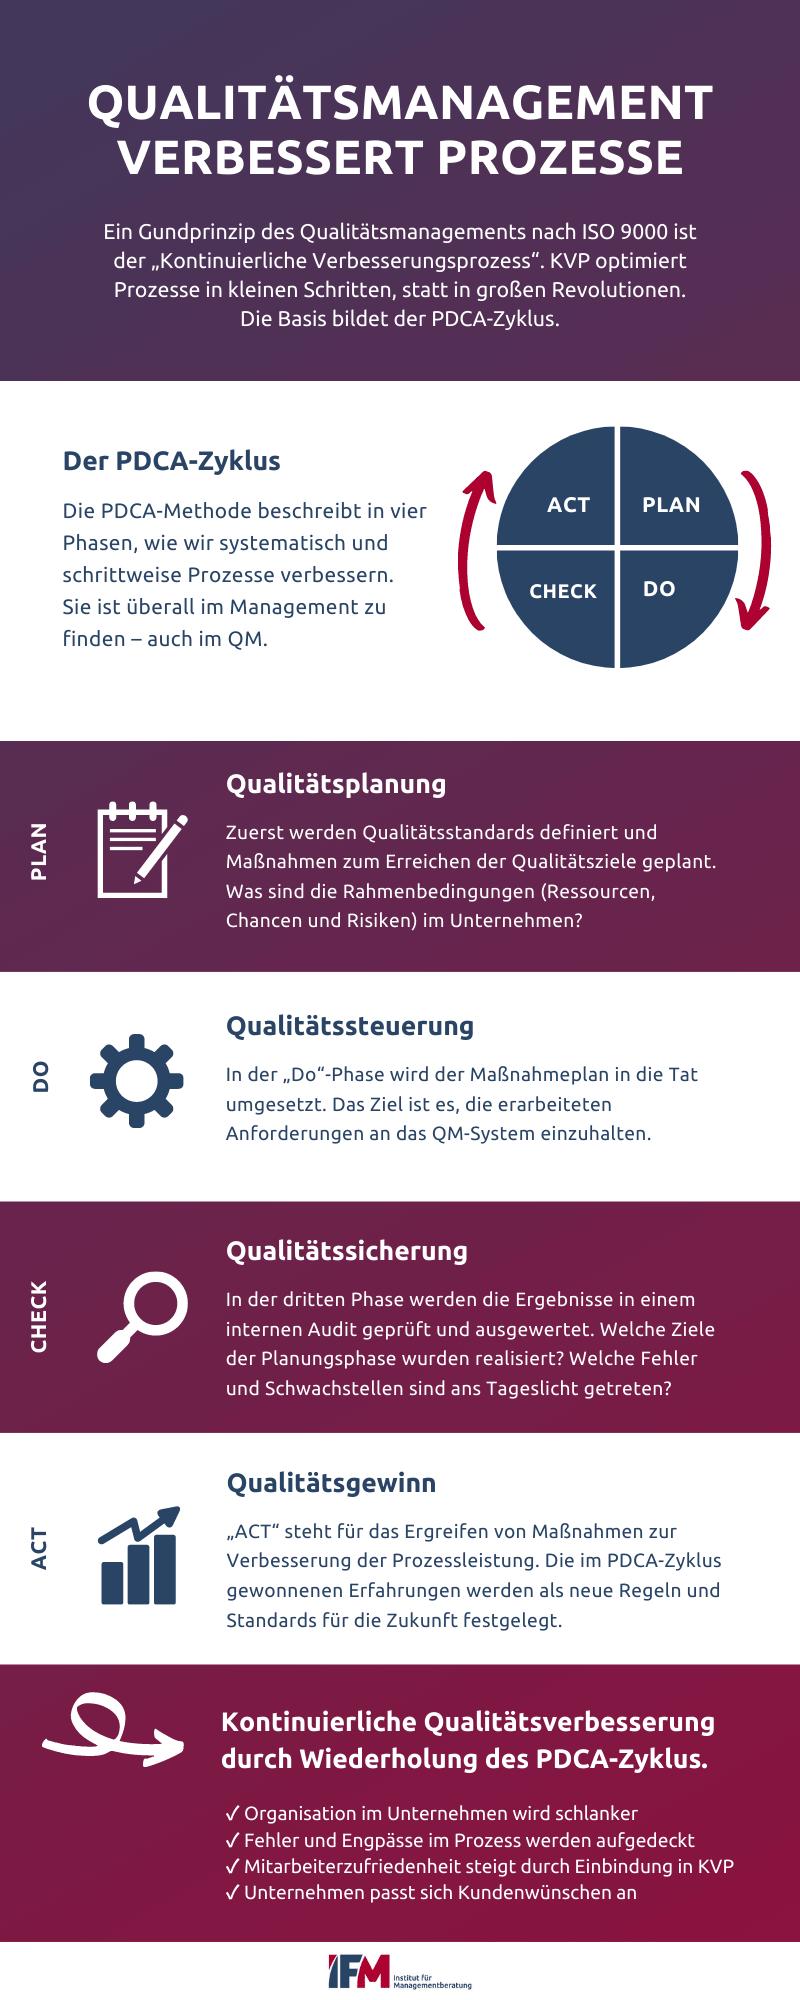 Unsere Infografik zeigt, wie im Qualitätsmanagement der PDCA-Zyklus eingesetzt wird, um einen Kontiunierlichen Verbesserungsprozess (KVP) umzusetzen